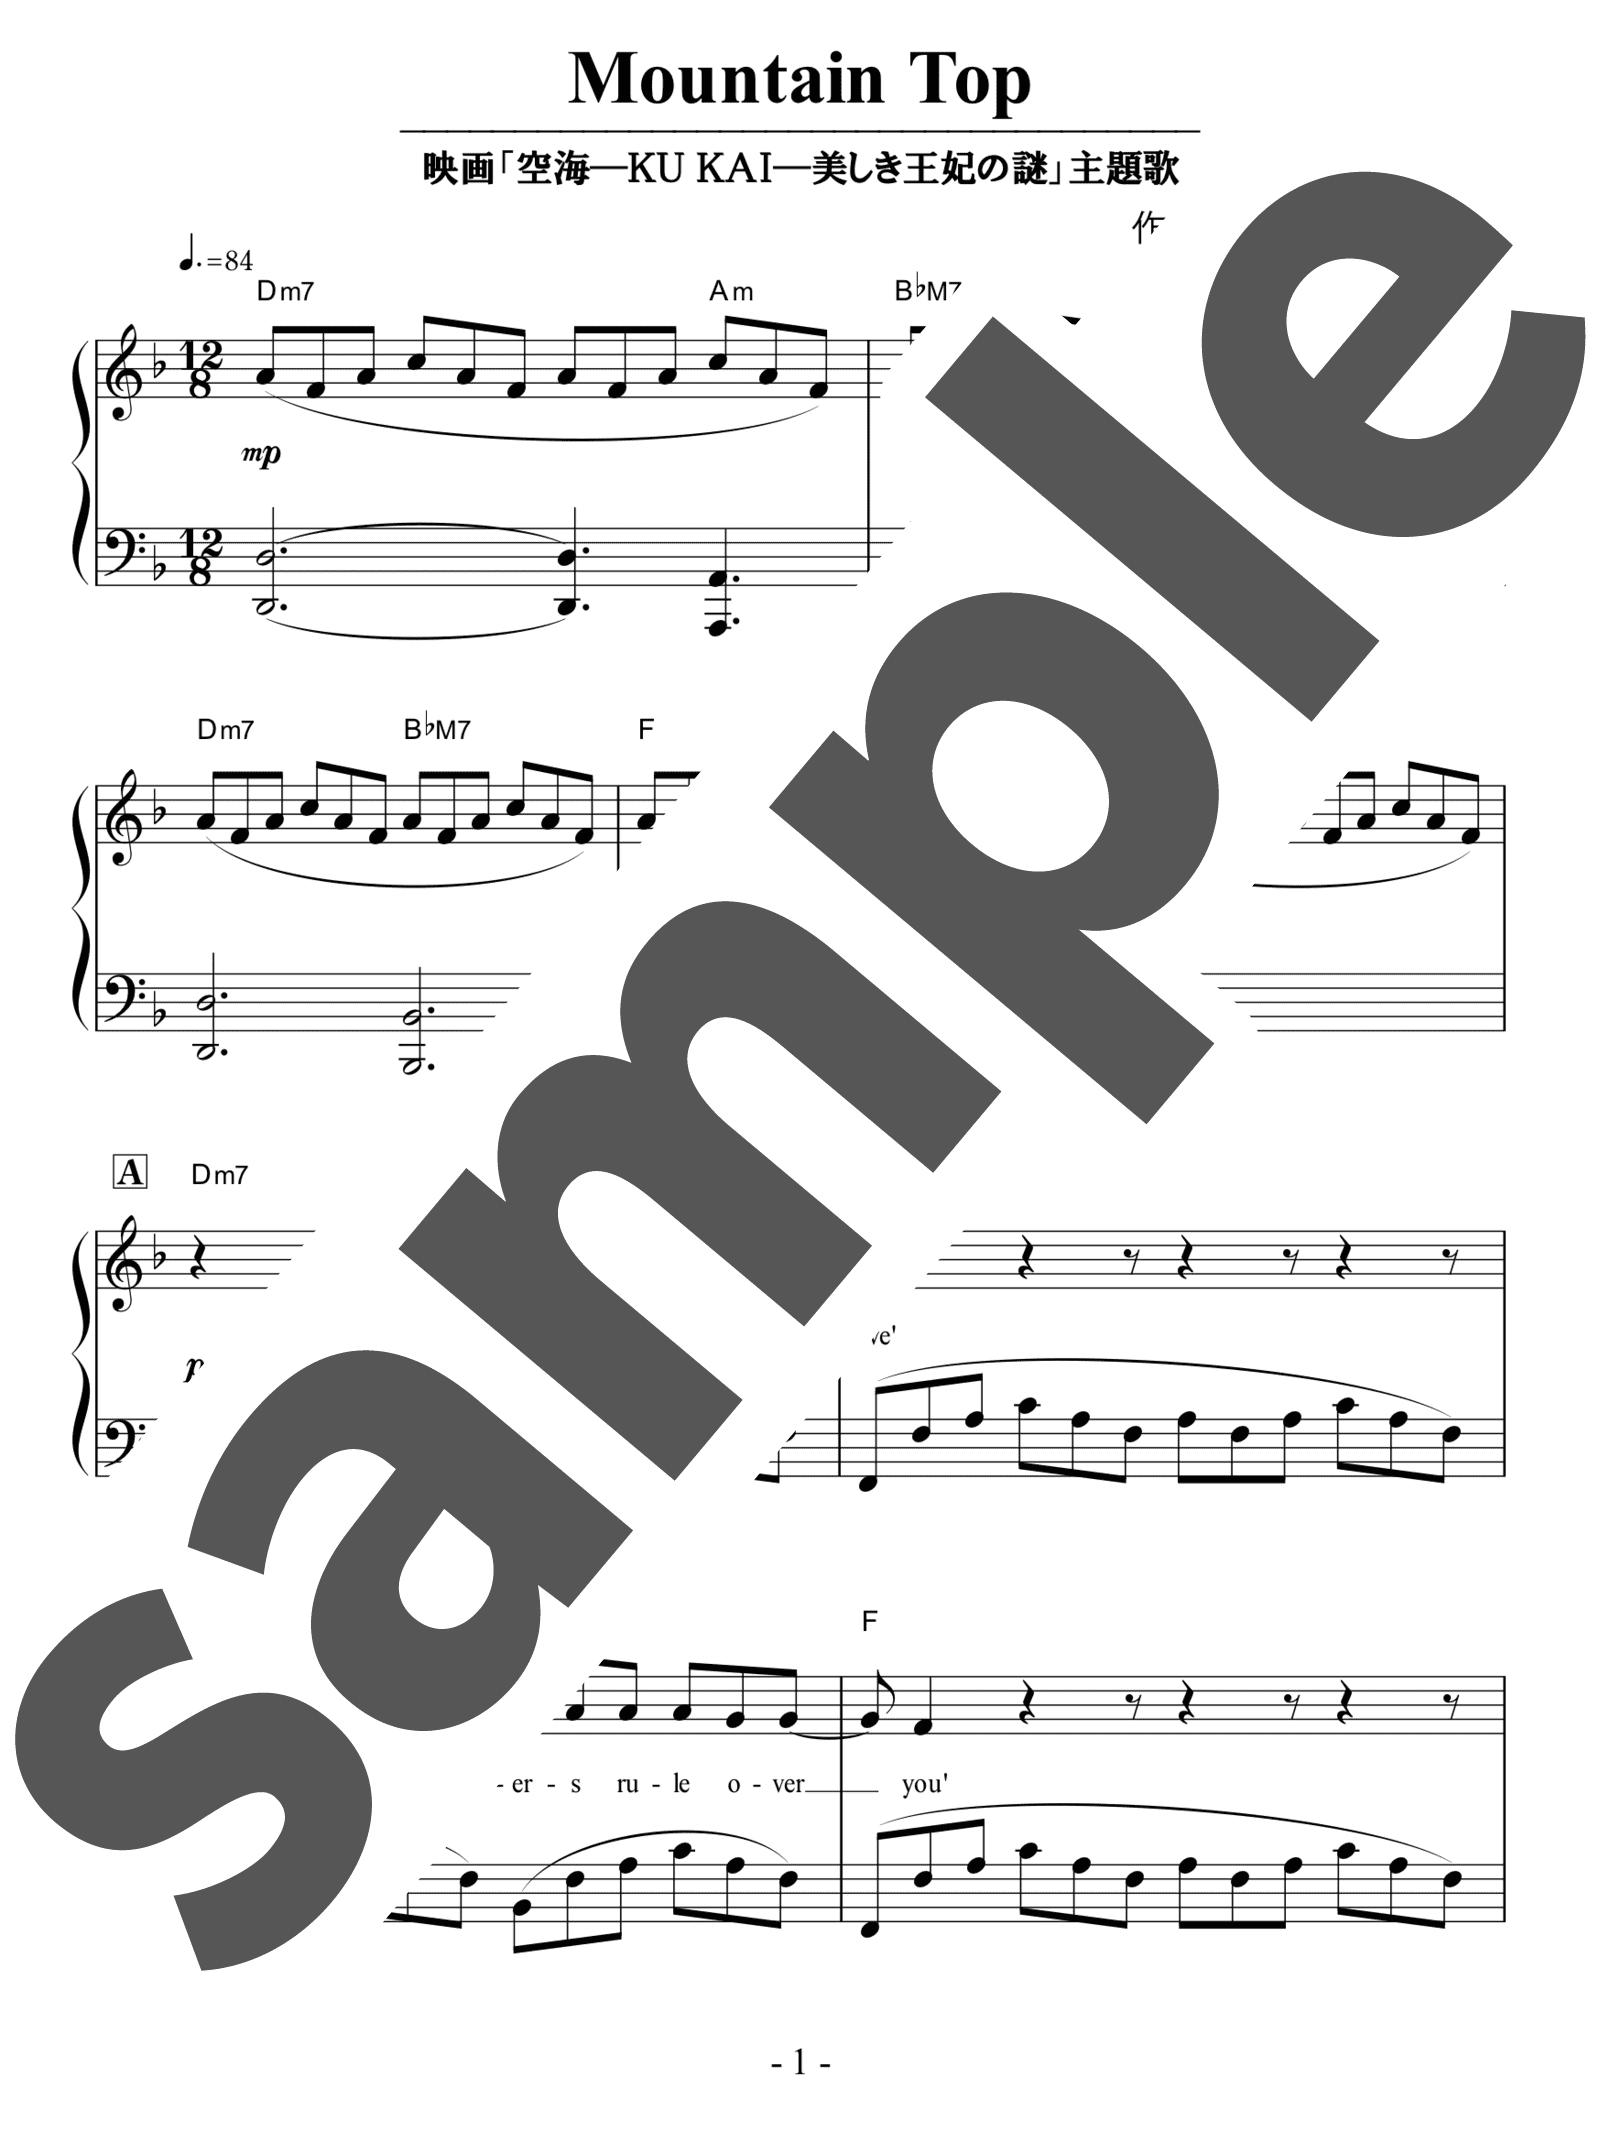 「Mountain Top」のサンプル楽譜